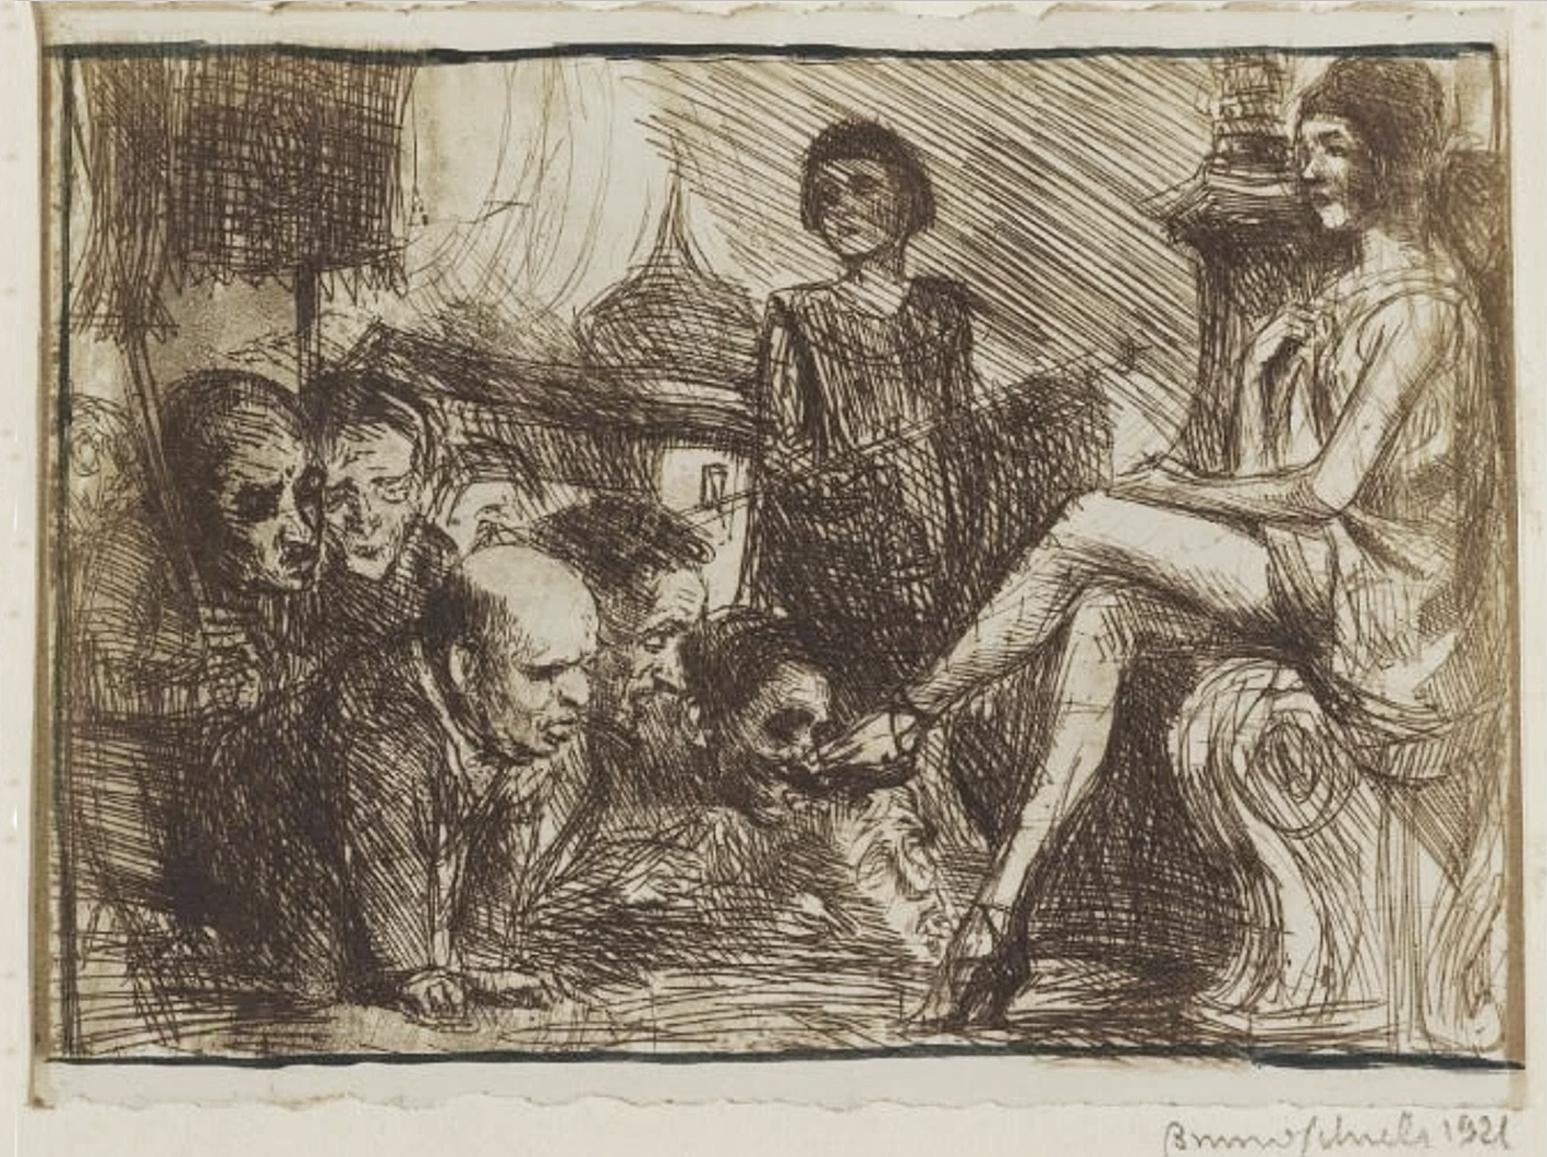 Бруно Шульц. Обряд ідолопоклонників, 1921; сliché-verre